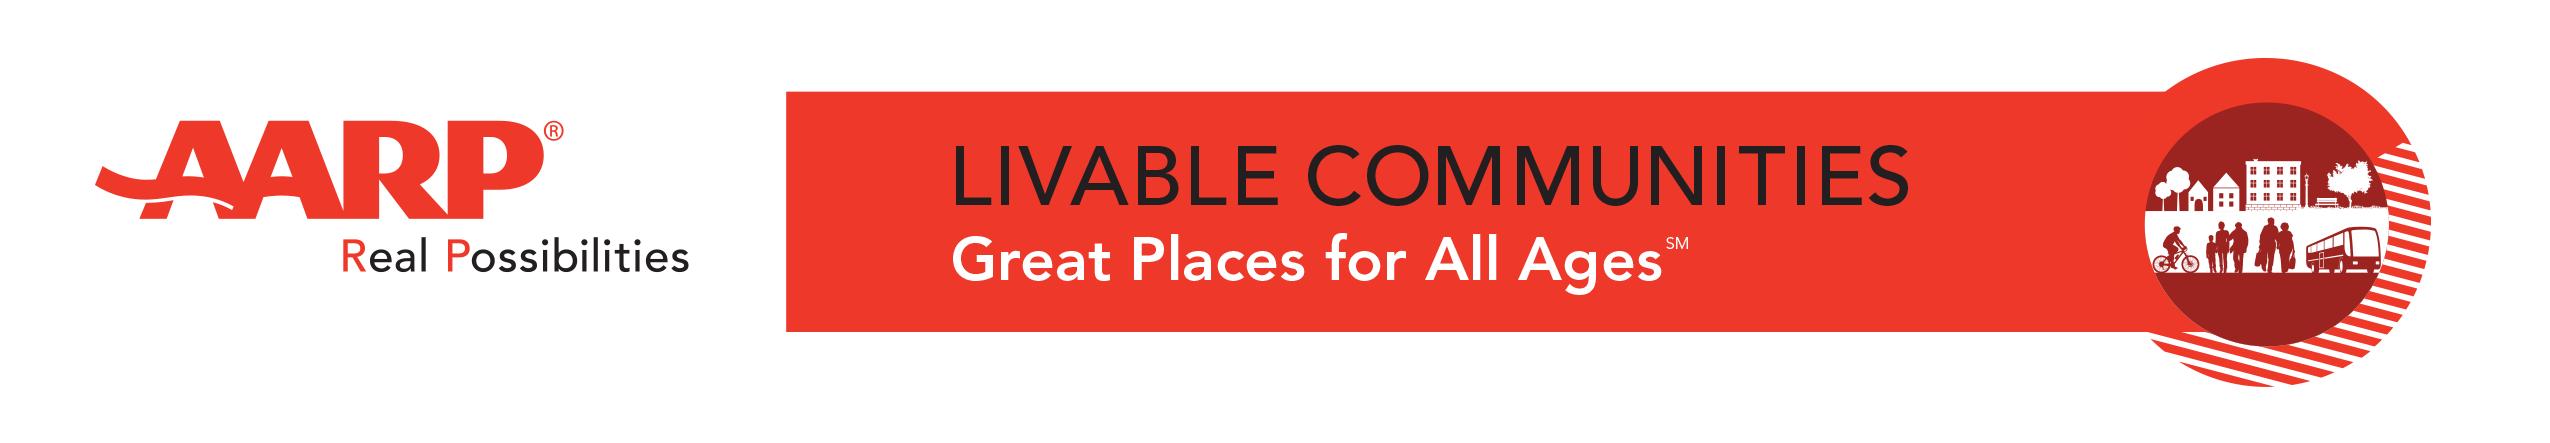 AARP_Livable_Communities.jpg